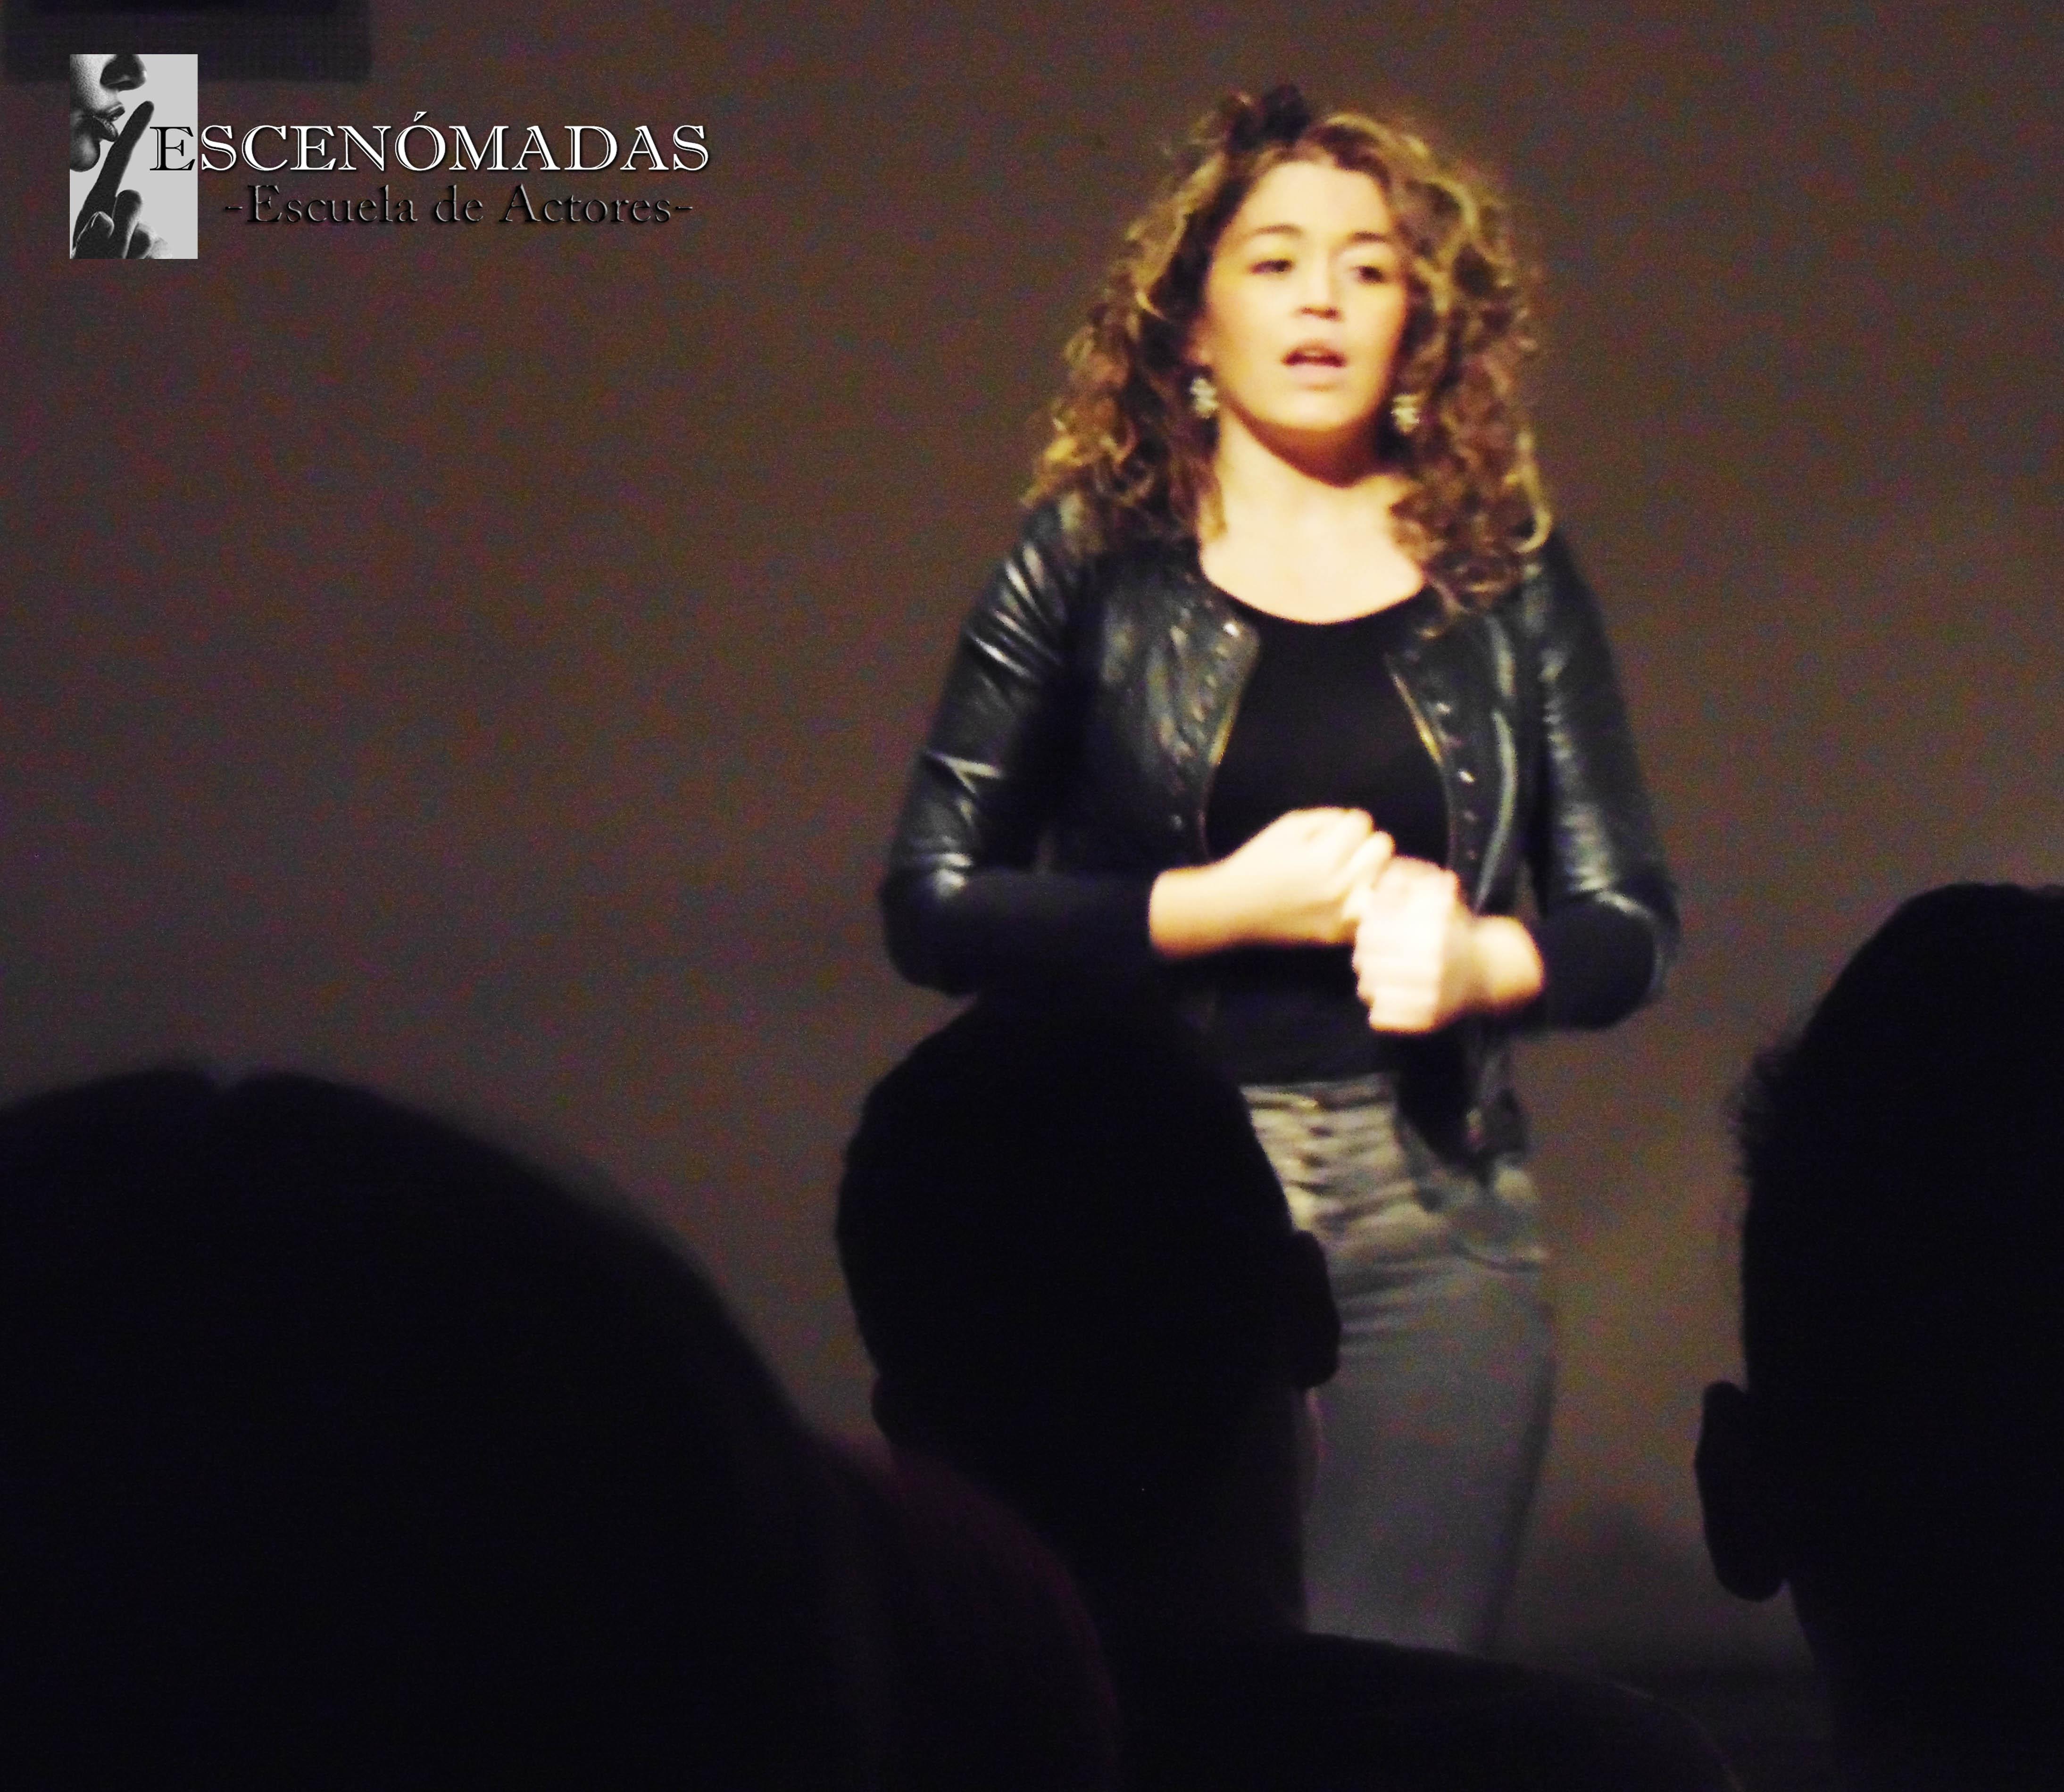 Dirección: Ximena Barbano